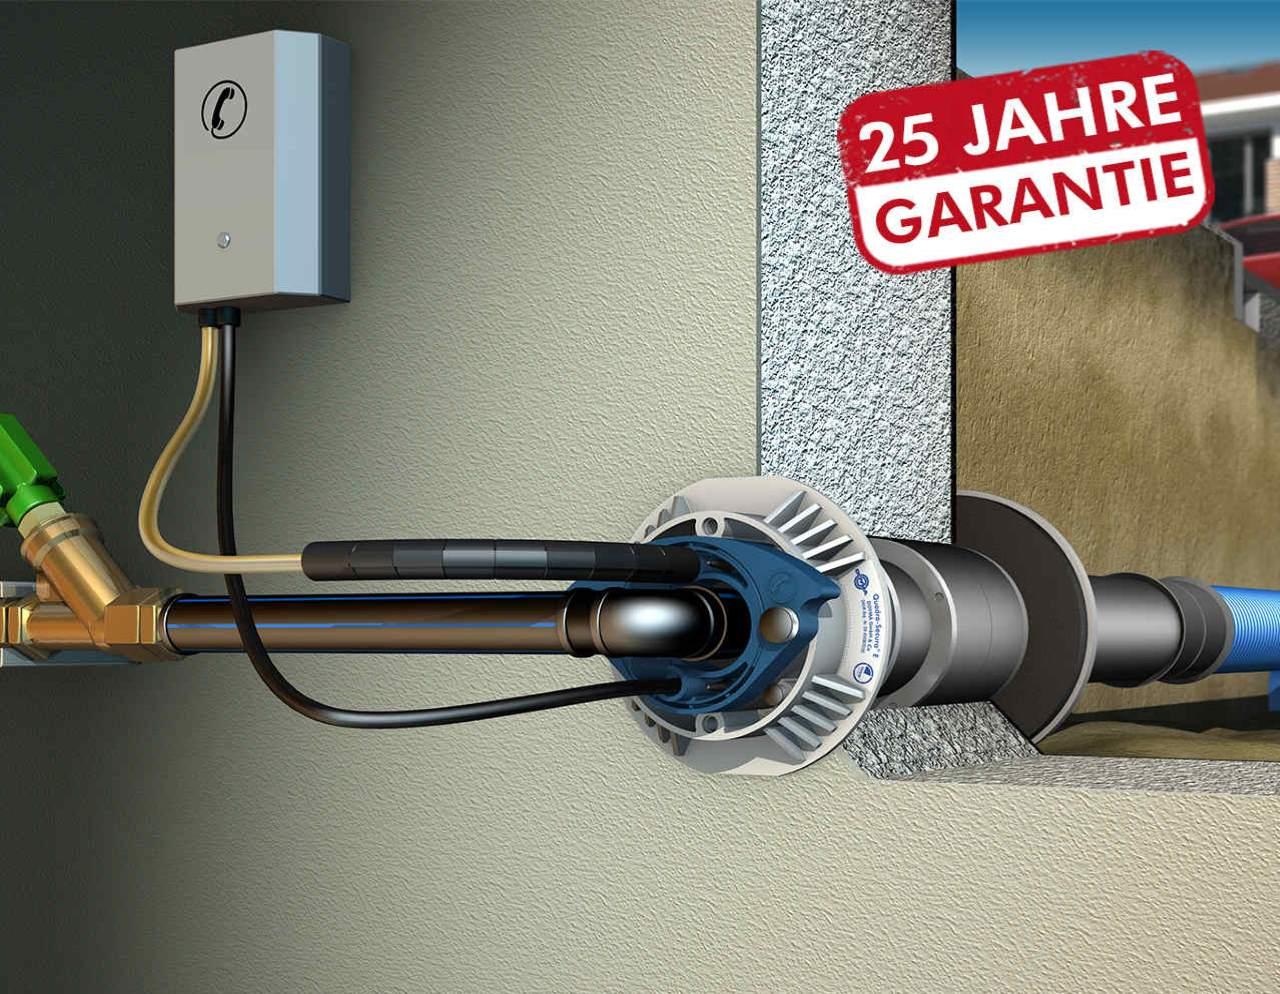 DOYMA 1-Spartenhauseinführung (Strom+TK / Wasser+TK) für unterkellerte Gebäude